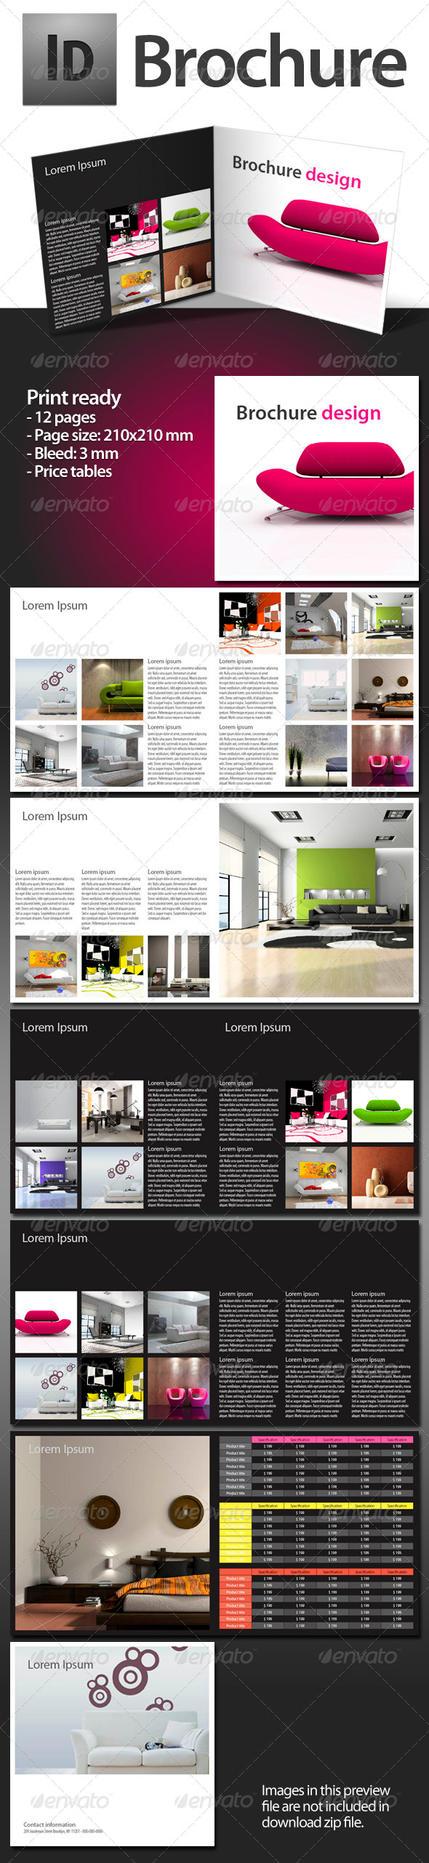 brochure indesign template by bydj on deviantart. Black Bedroom Furniture Sets. Home Design Ideas